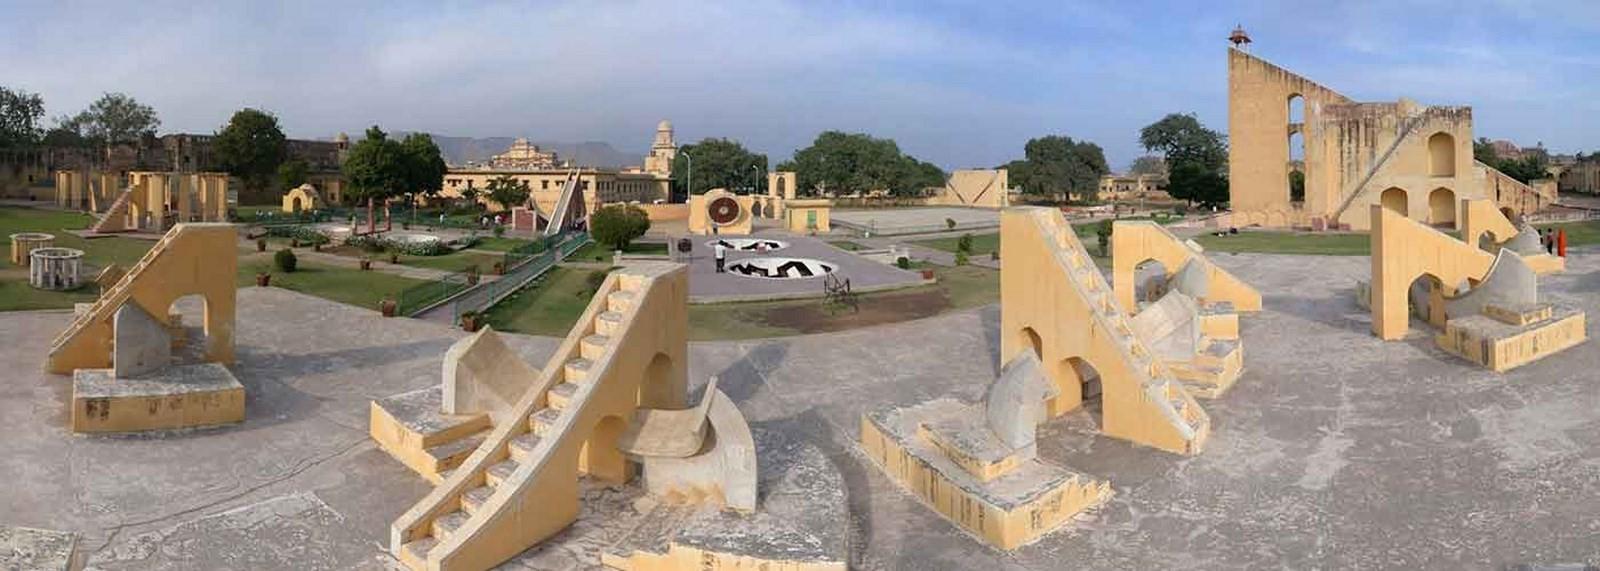 Jantar Mantar, Jaipur, Rajasthan - Sheet4